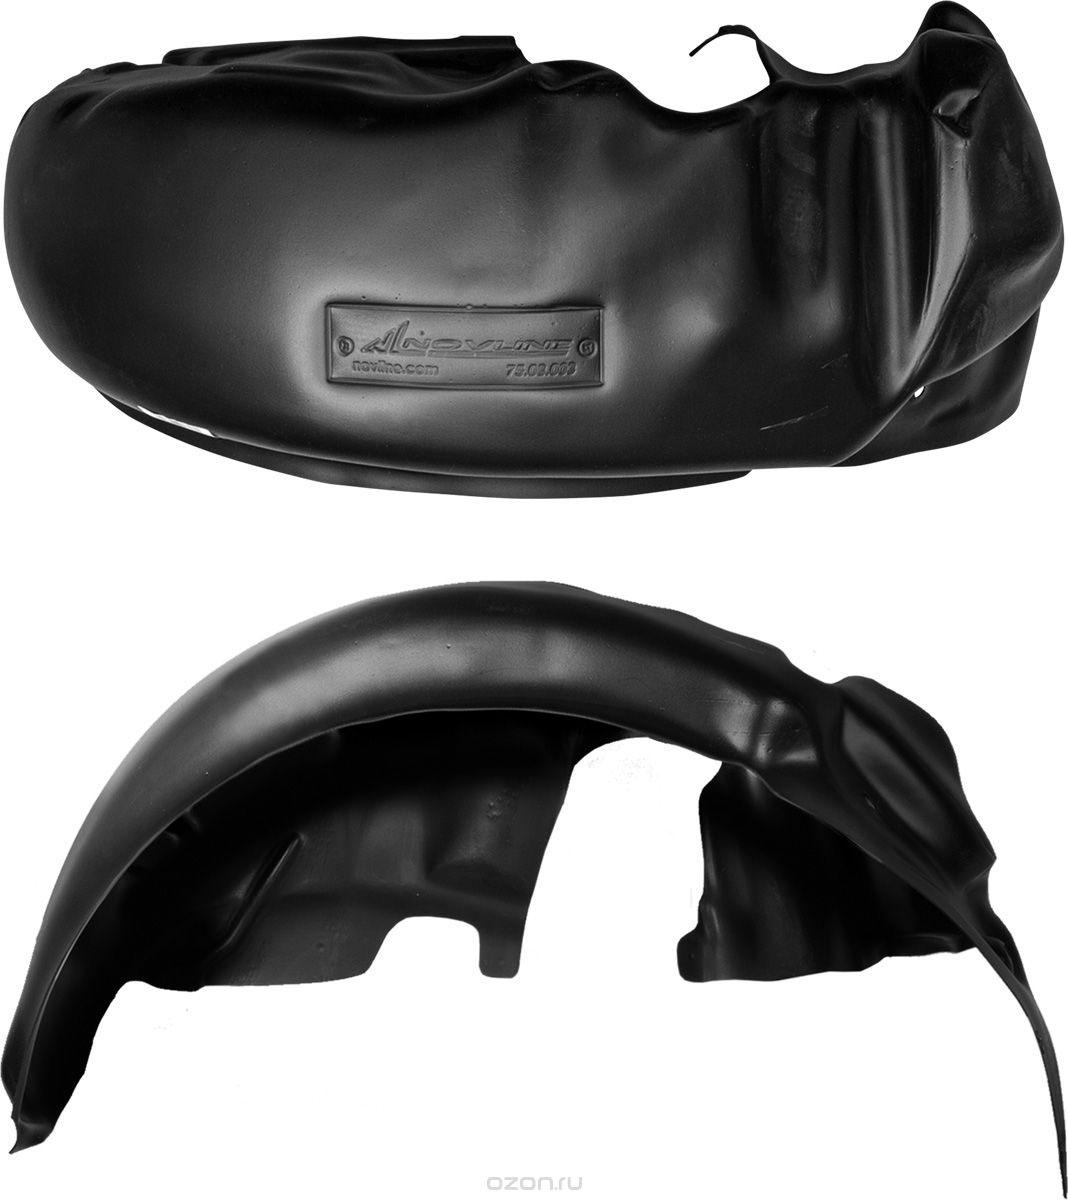 Подкрылок Novline-Autofamily, для ВАЗ 2110 1995-2007, передний правыйVCA-00Идеальная защита колесной ниши. Локеры разработаны с применением цифровых технологий, гарантируют максимальную повторяемость поверхности арки. Изделия устанавливаются без нарушения лакокрасочного покрытия автомобиля, каждый подкрылок комплектуется крепежом. Уважаемые клиенты, обращаем ваше внимание, что фотографии на подкрылки универсальные и не отражают реальную форму изделия. При этом само изделие идет точно под размер указанного автомобиля.